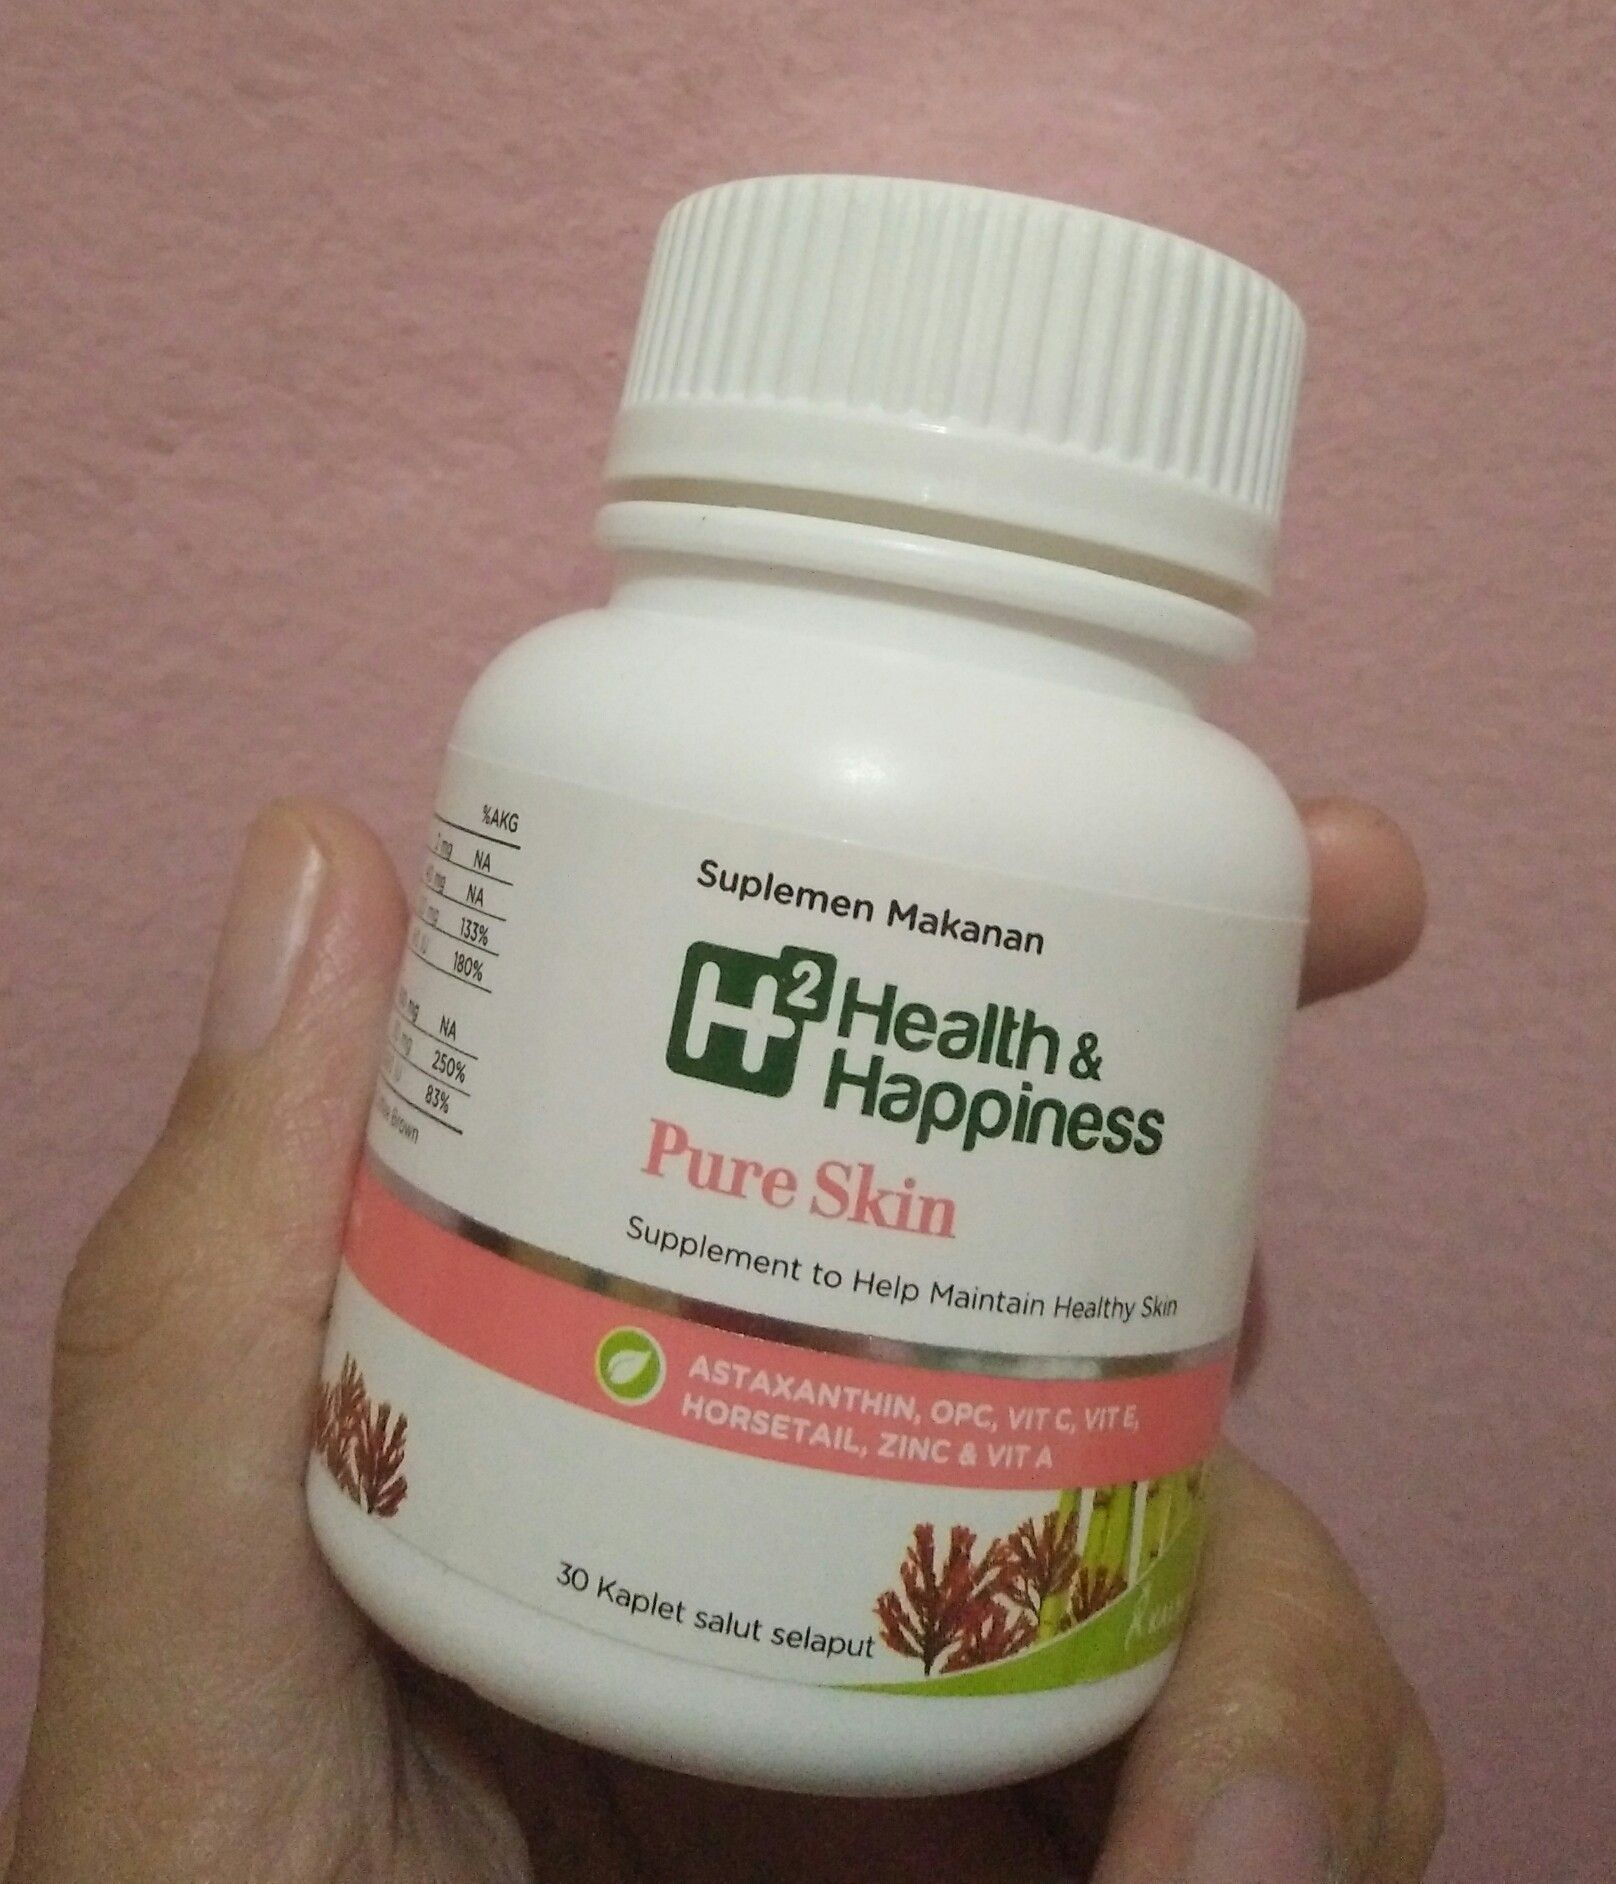 gambar review ke-4 untuk H2 Health & Happiness Pure Skin